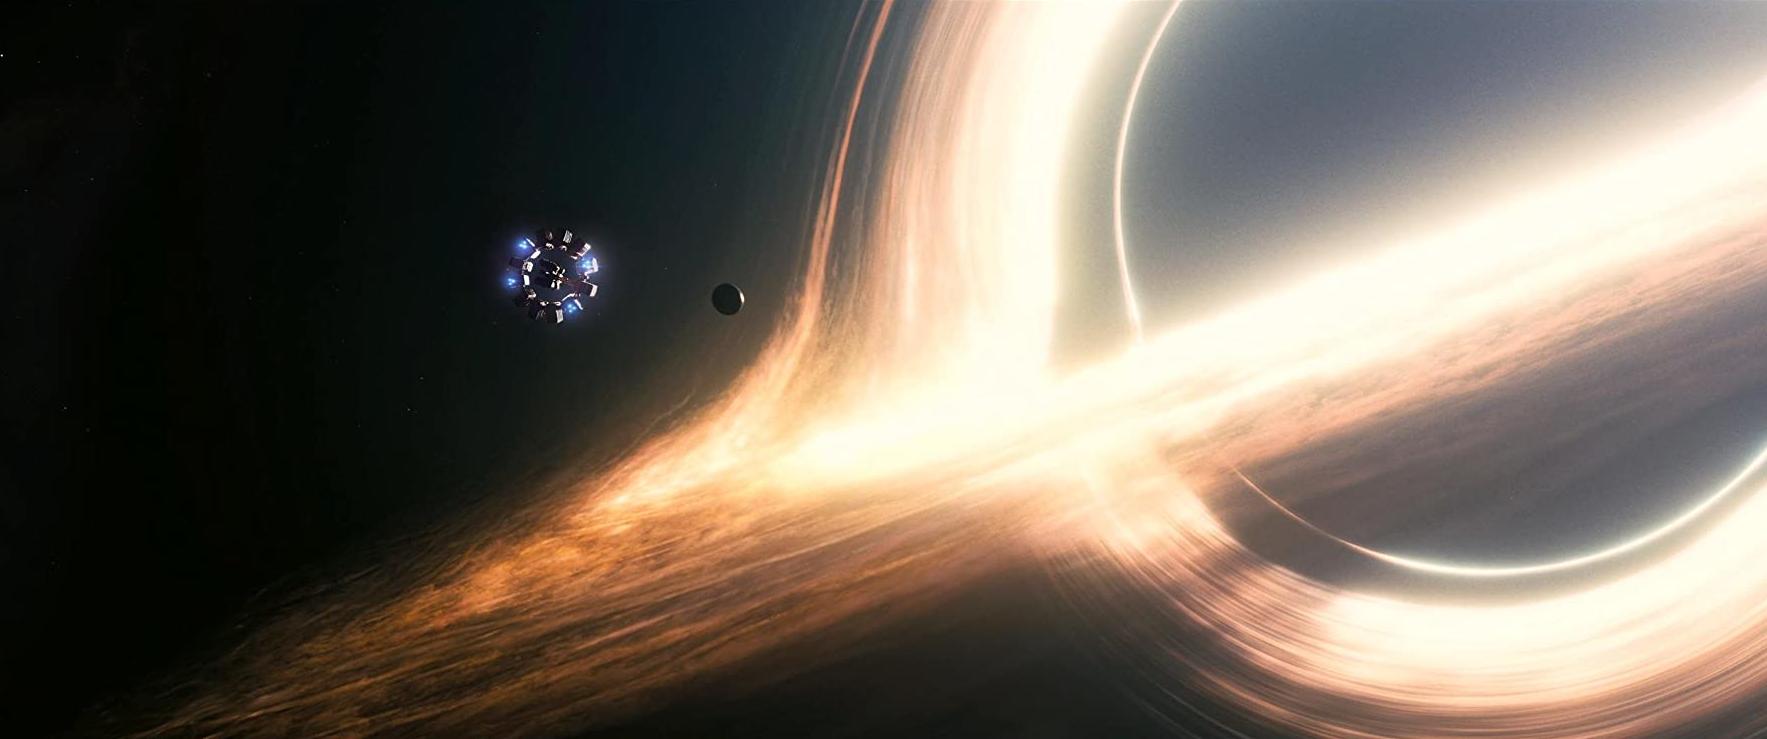 Et supermassivt sort hul som præsenteret i Interstellar (2014). Nogle af de computergenererede billeder tog op til 100 timer at gengive og fyldte til sidst over 800 terabytes. (Foto: Warner Bros.)